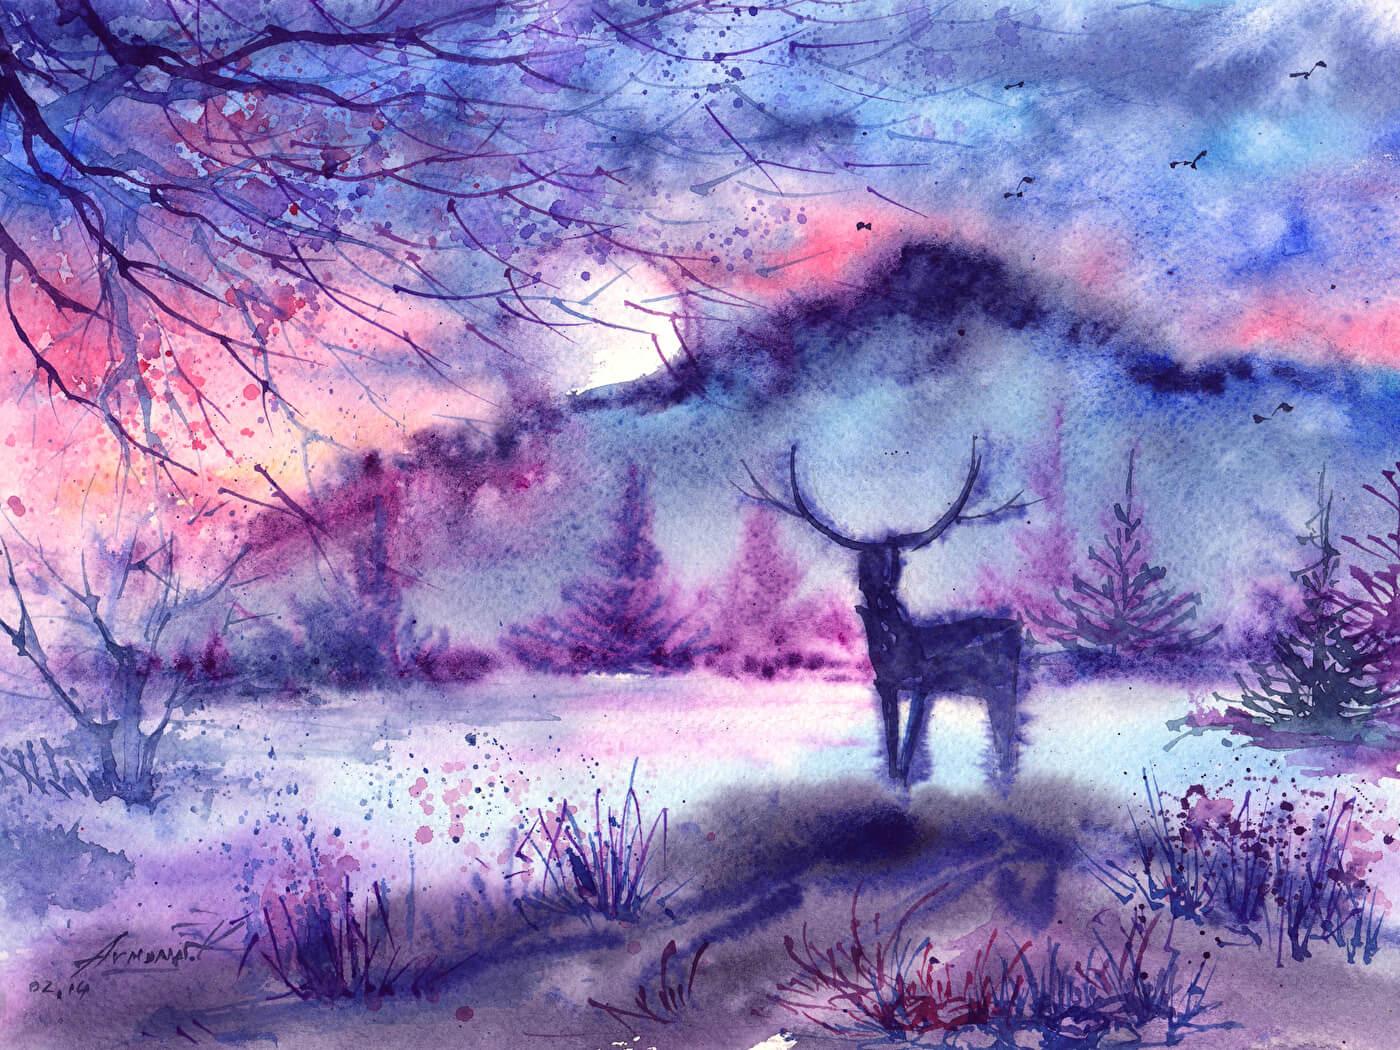 красивые рисунки для срисовки красками легкие